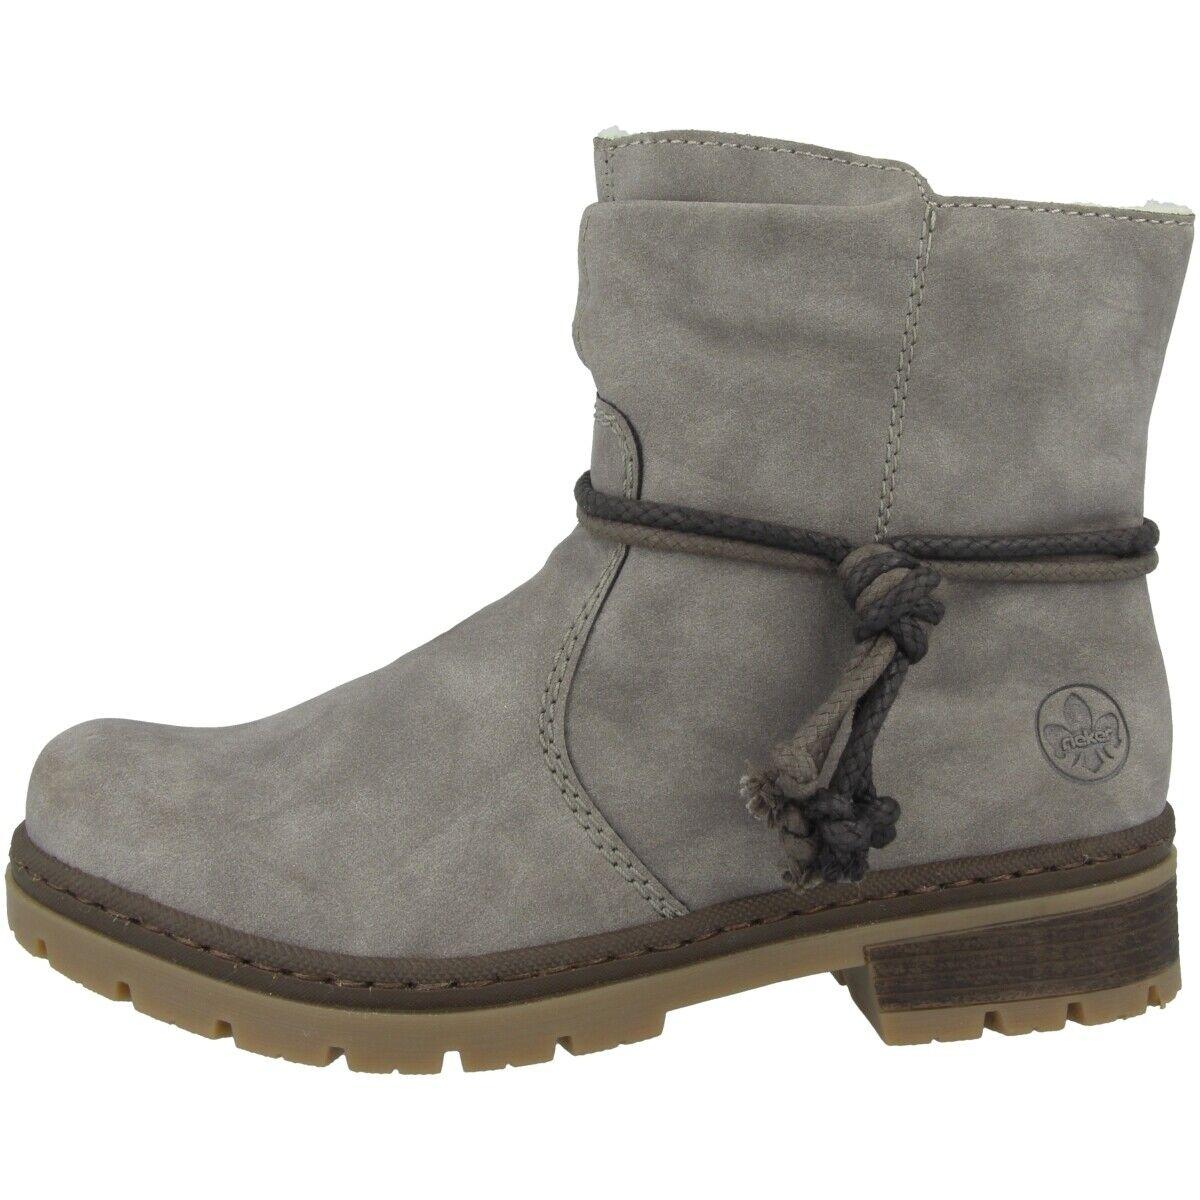 Rieker Merapi Schuhe Winter Stiefeletten Damen Stiefel gefüttert grau Y7463-40